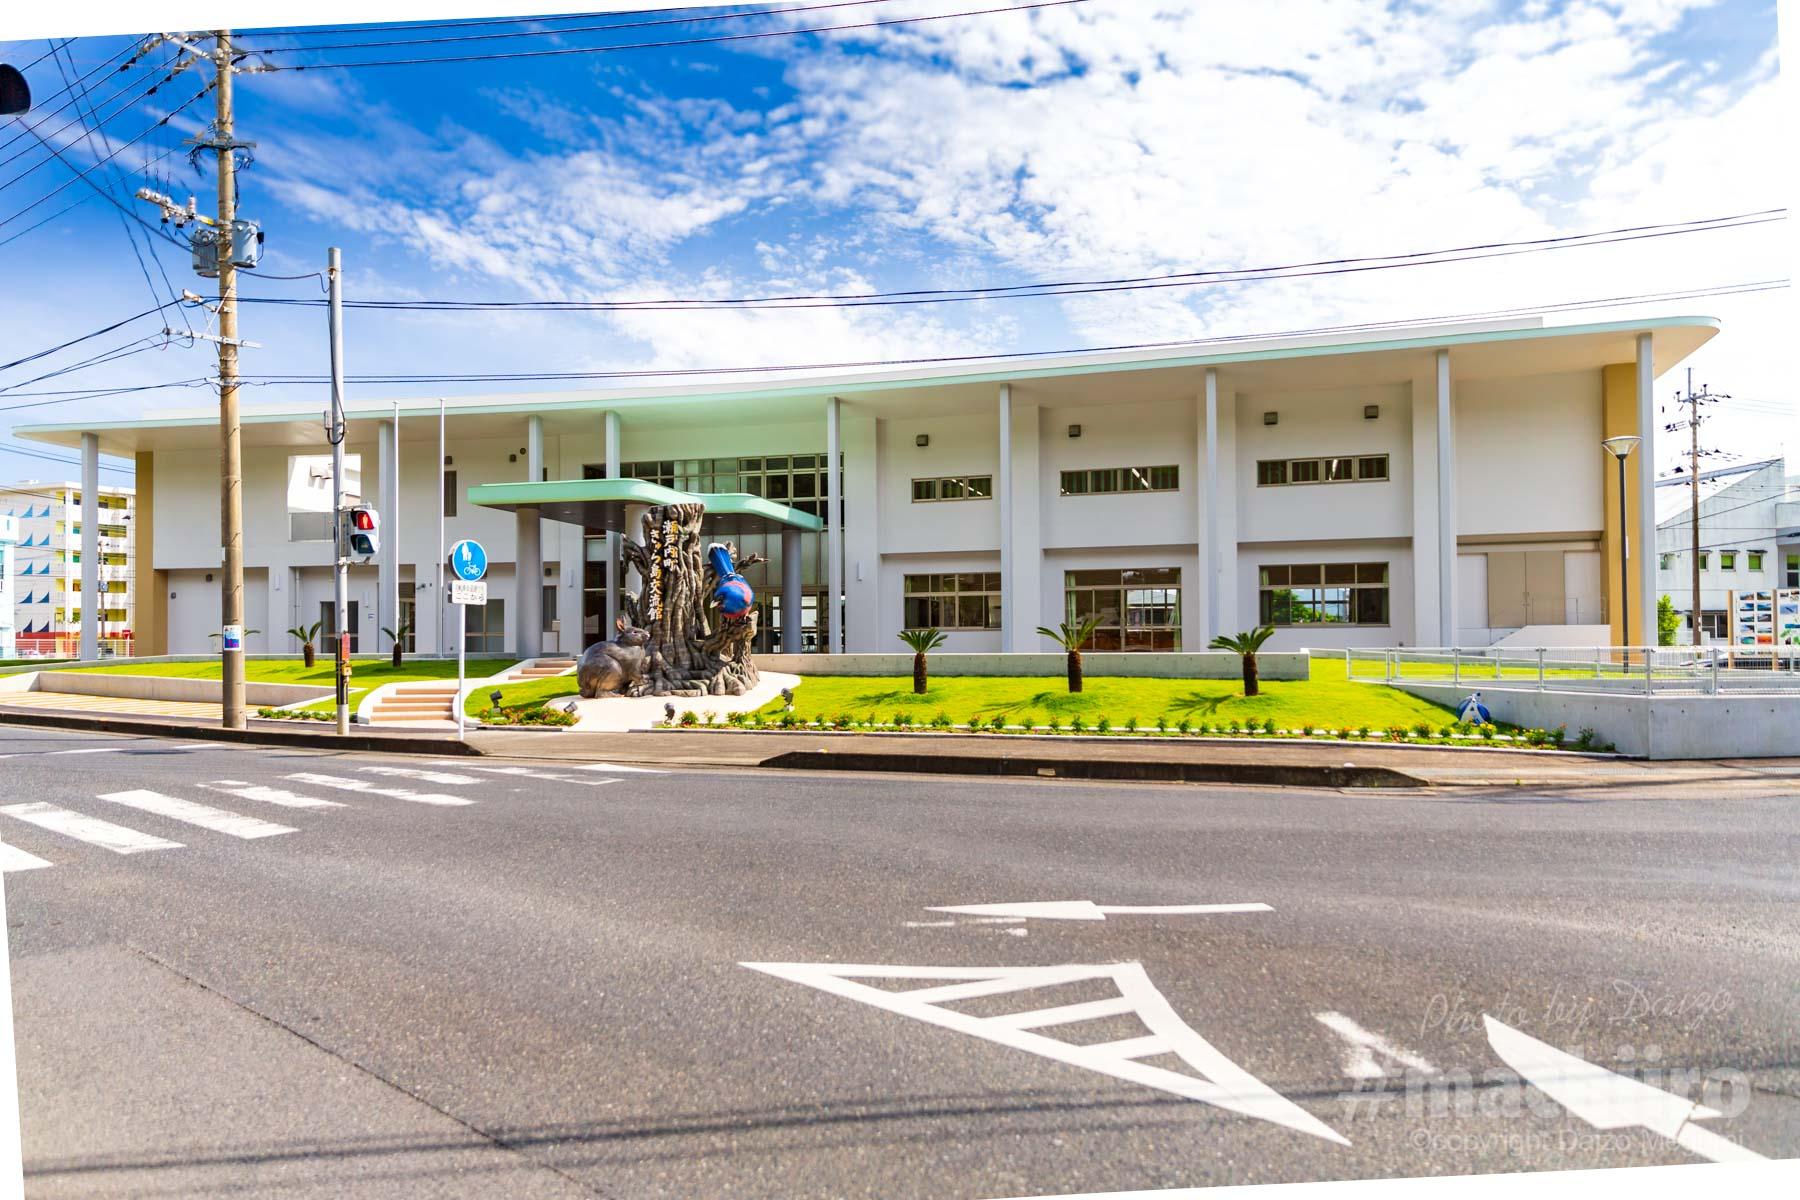 瀬戸内町 きゅら島交流館   machi-iro 奄美大島情報発信ガイドサイト